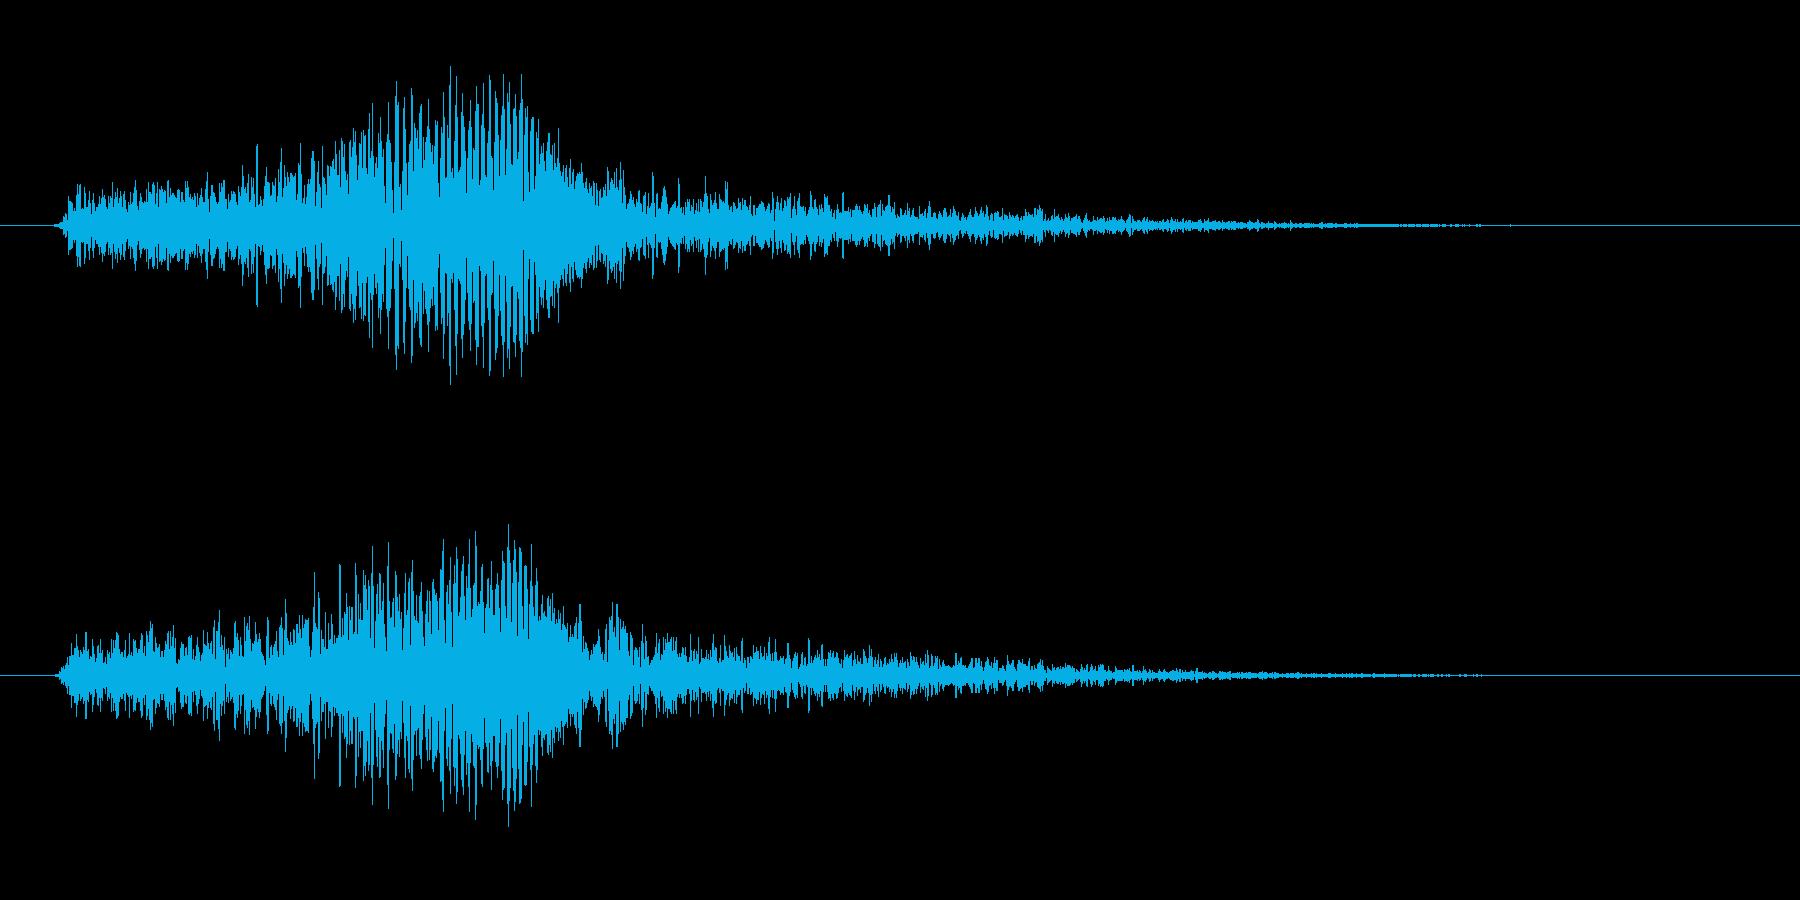 ひゅーい ひゅー ヒュー ヒューイの再生済みの波形